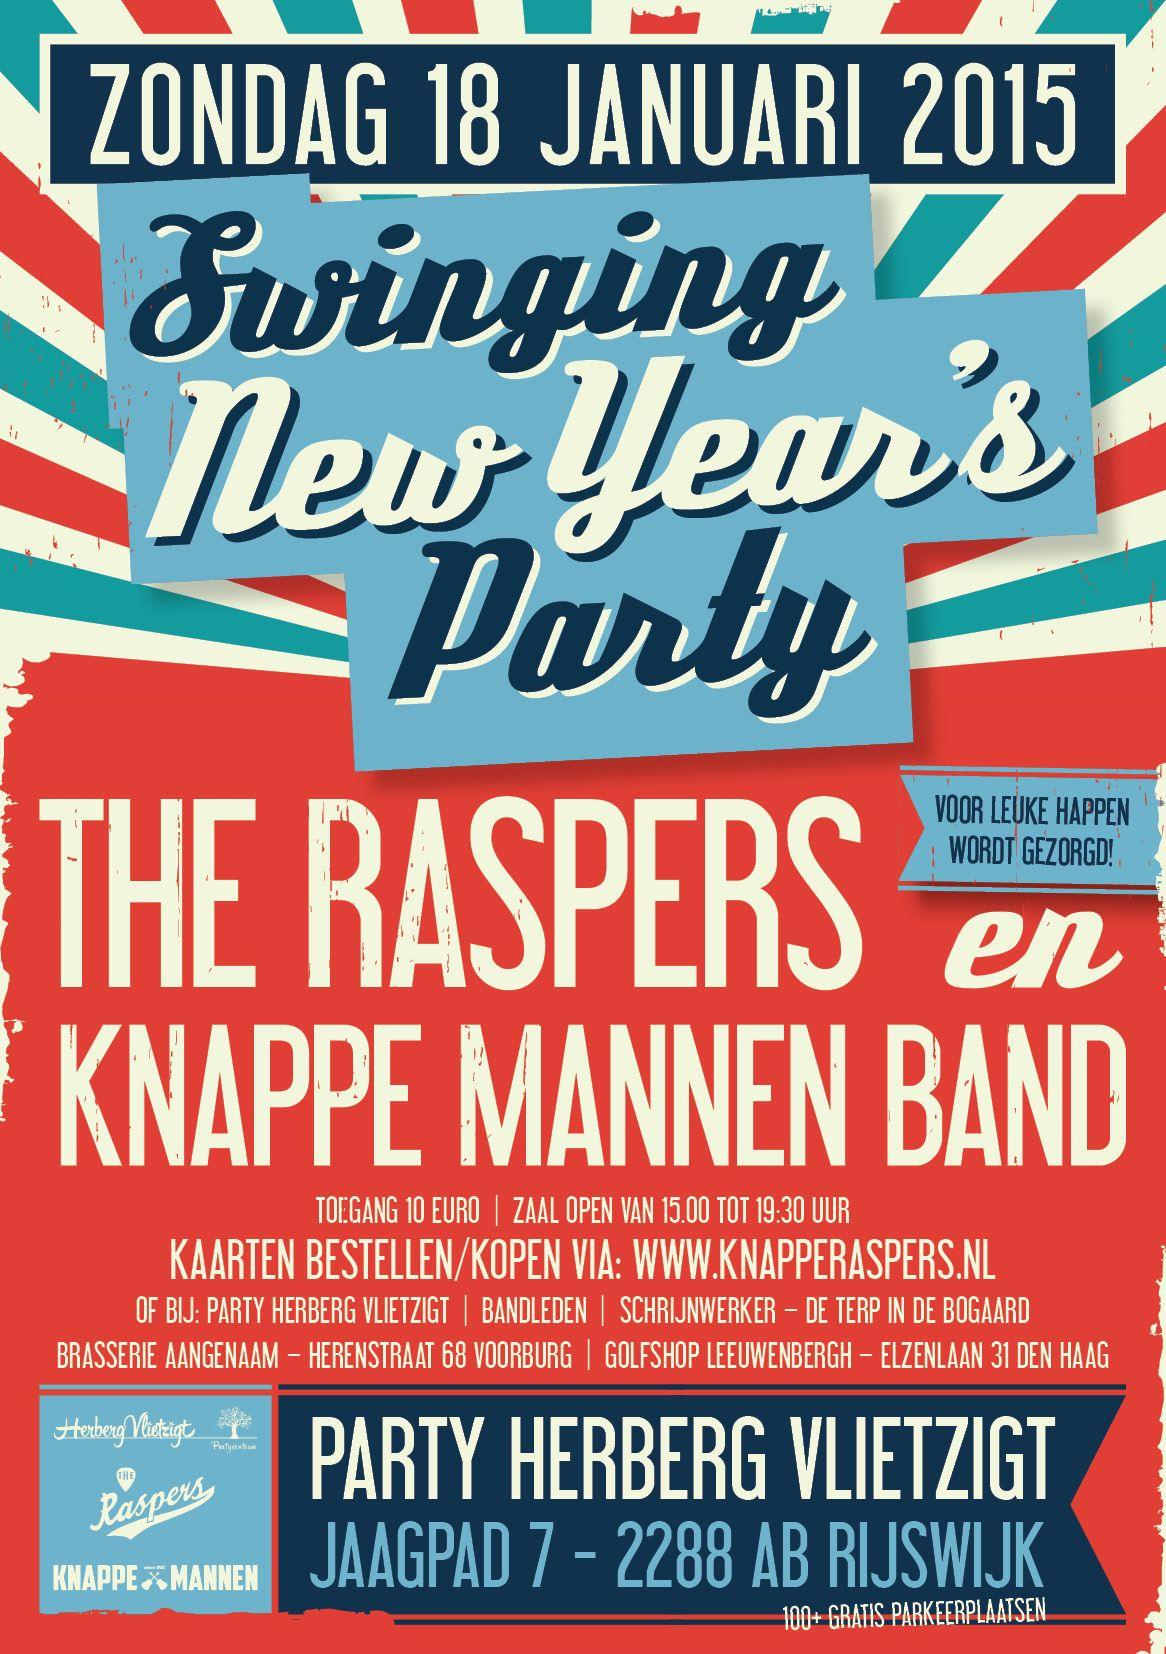 We gaan weer een gezellig nieuwjaars-feestje vieren. Deze keer samen met The Raspers, wij hebben er allemaal zin an. Ook Rob Hogeslag, zanger bij onze start in de 90-er jaren is van de partij met wat stevige rocksongs. Vlietzigt zorgt voor lekkere happen. Een mooie gelegenheid om al je bekenden te zien en nog een goed nieuwjaar wensen! Aangezien we tegenwoordig nog maar 300 personen kunnen uitnodigen voor een evenement, zou het fijn zijn het feest te delen, alvast bedankt. KnappeRaspers.nl